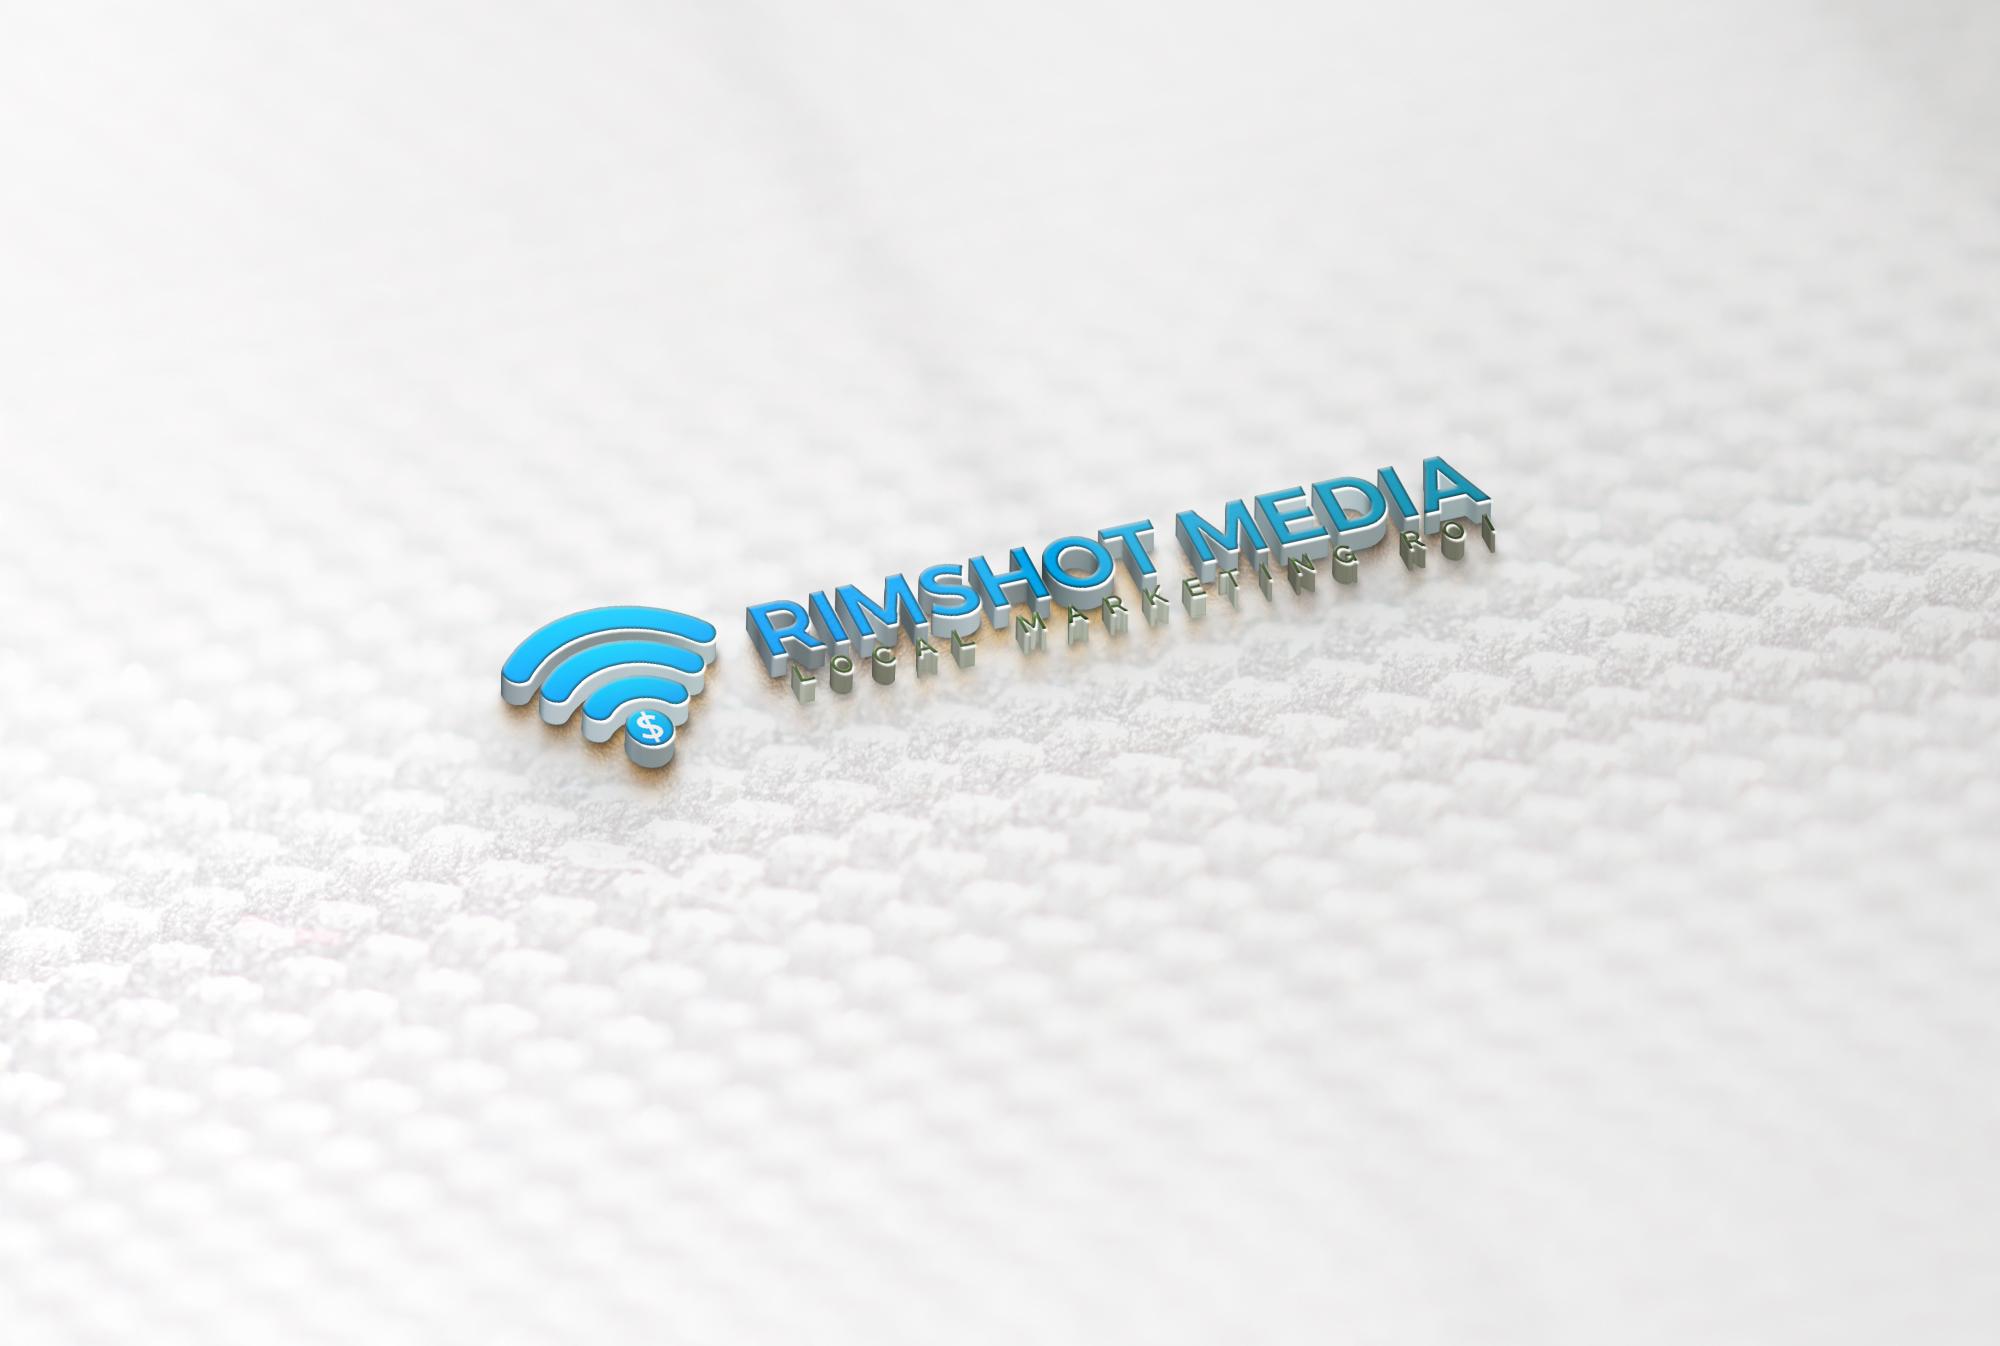 Rimshot-Media-Logo-A 3D Mock-up